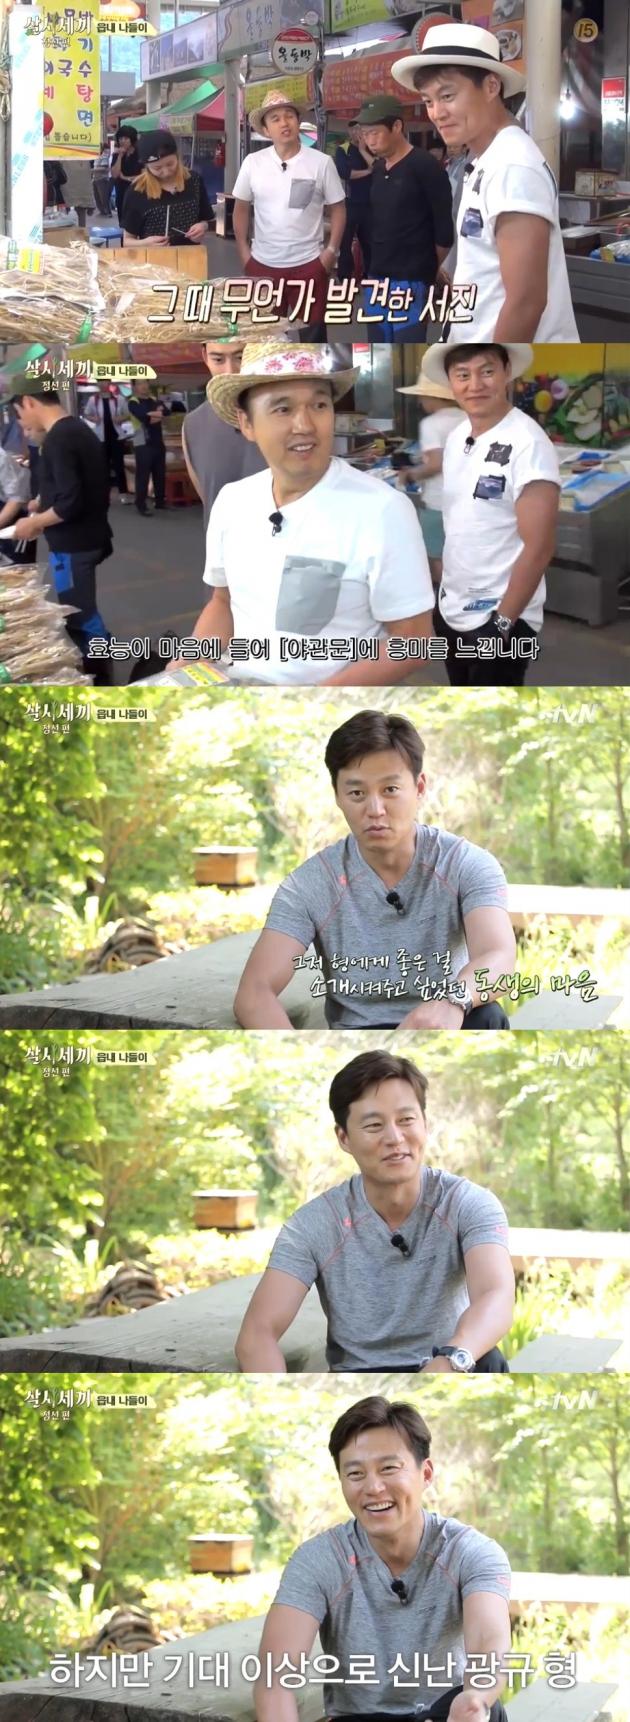 삼시세끼 야관문 / 삼시세끼 야관문 사진=tvN 방송 캡처